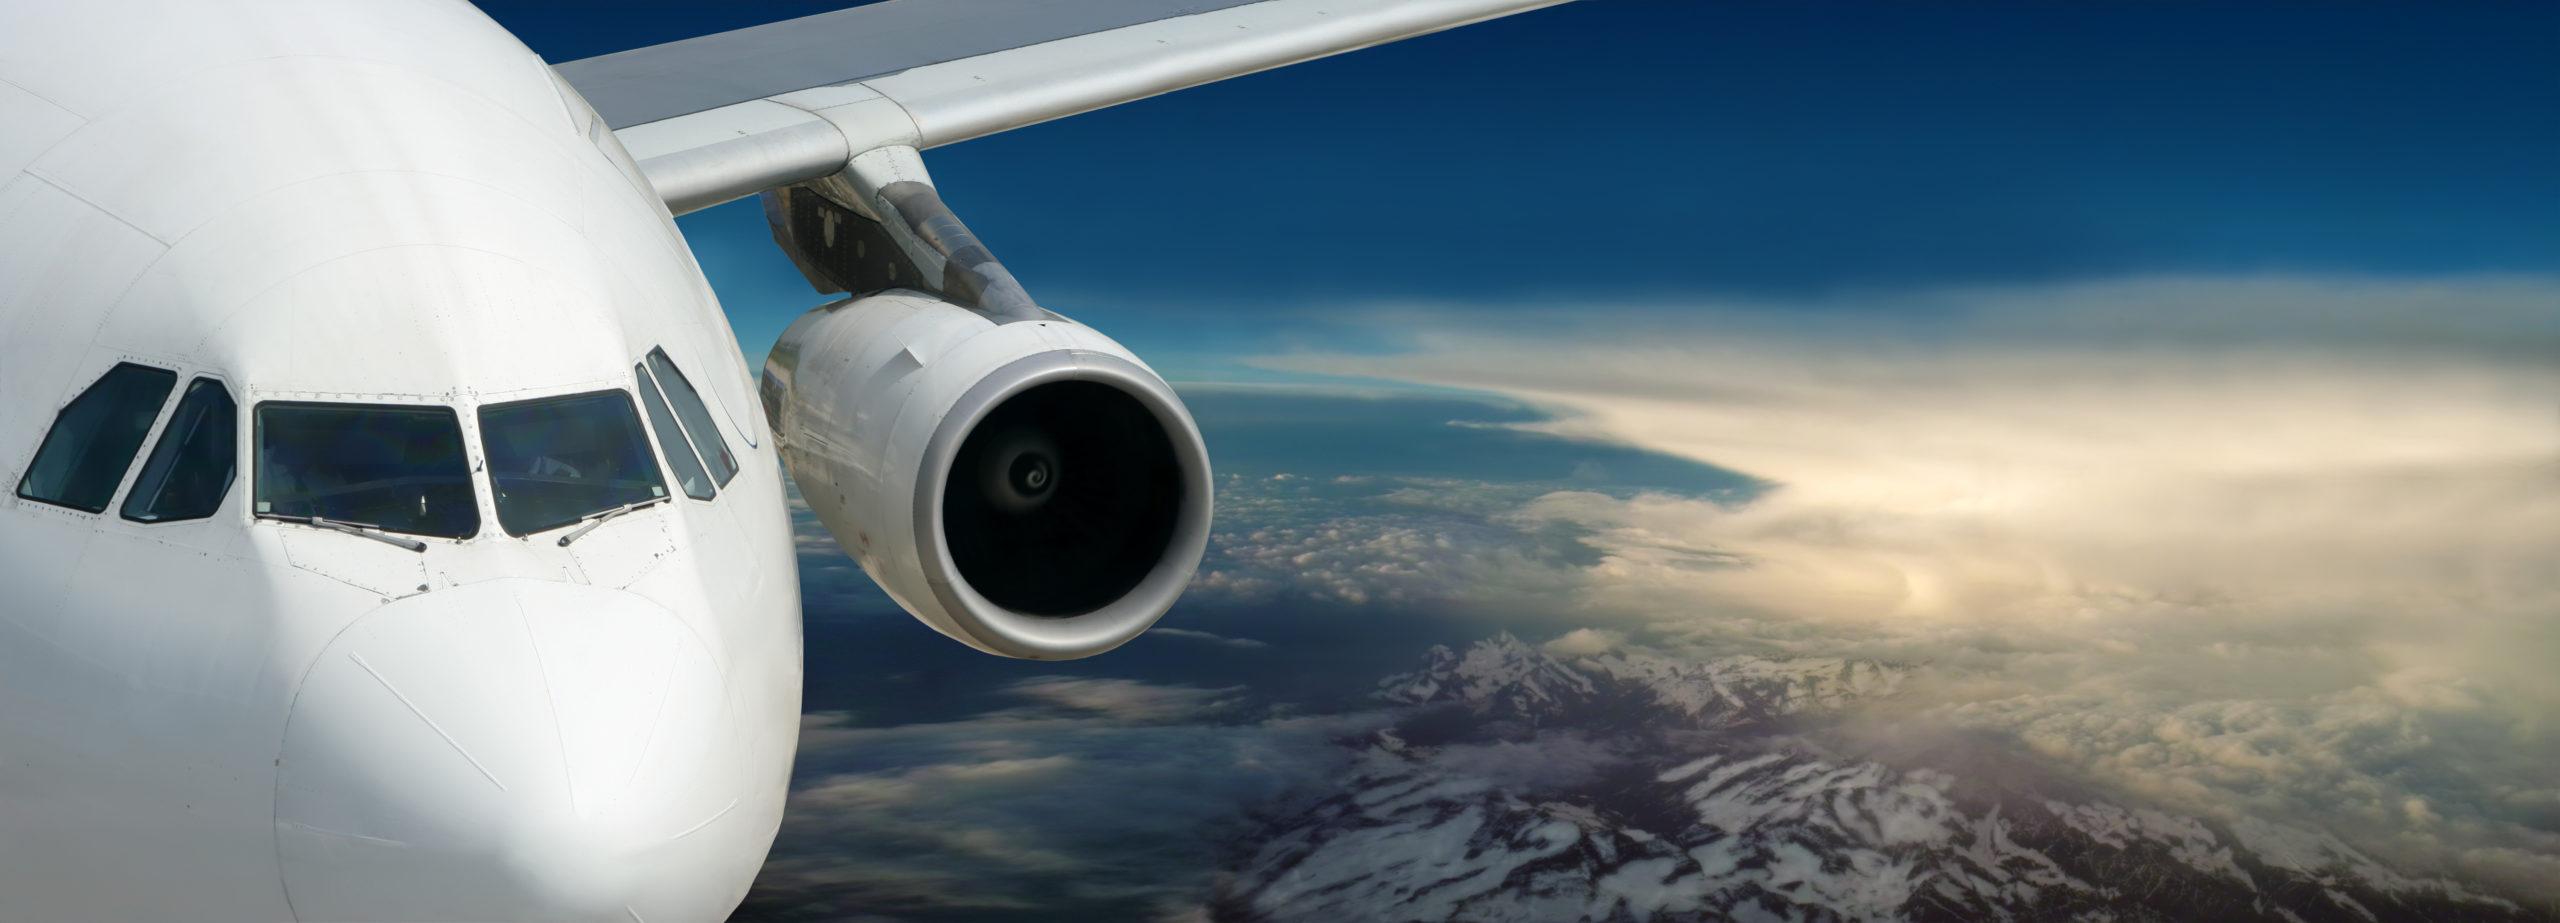 Отзывы об авиакомпаниях частной авиации